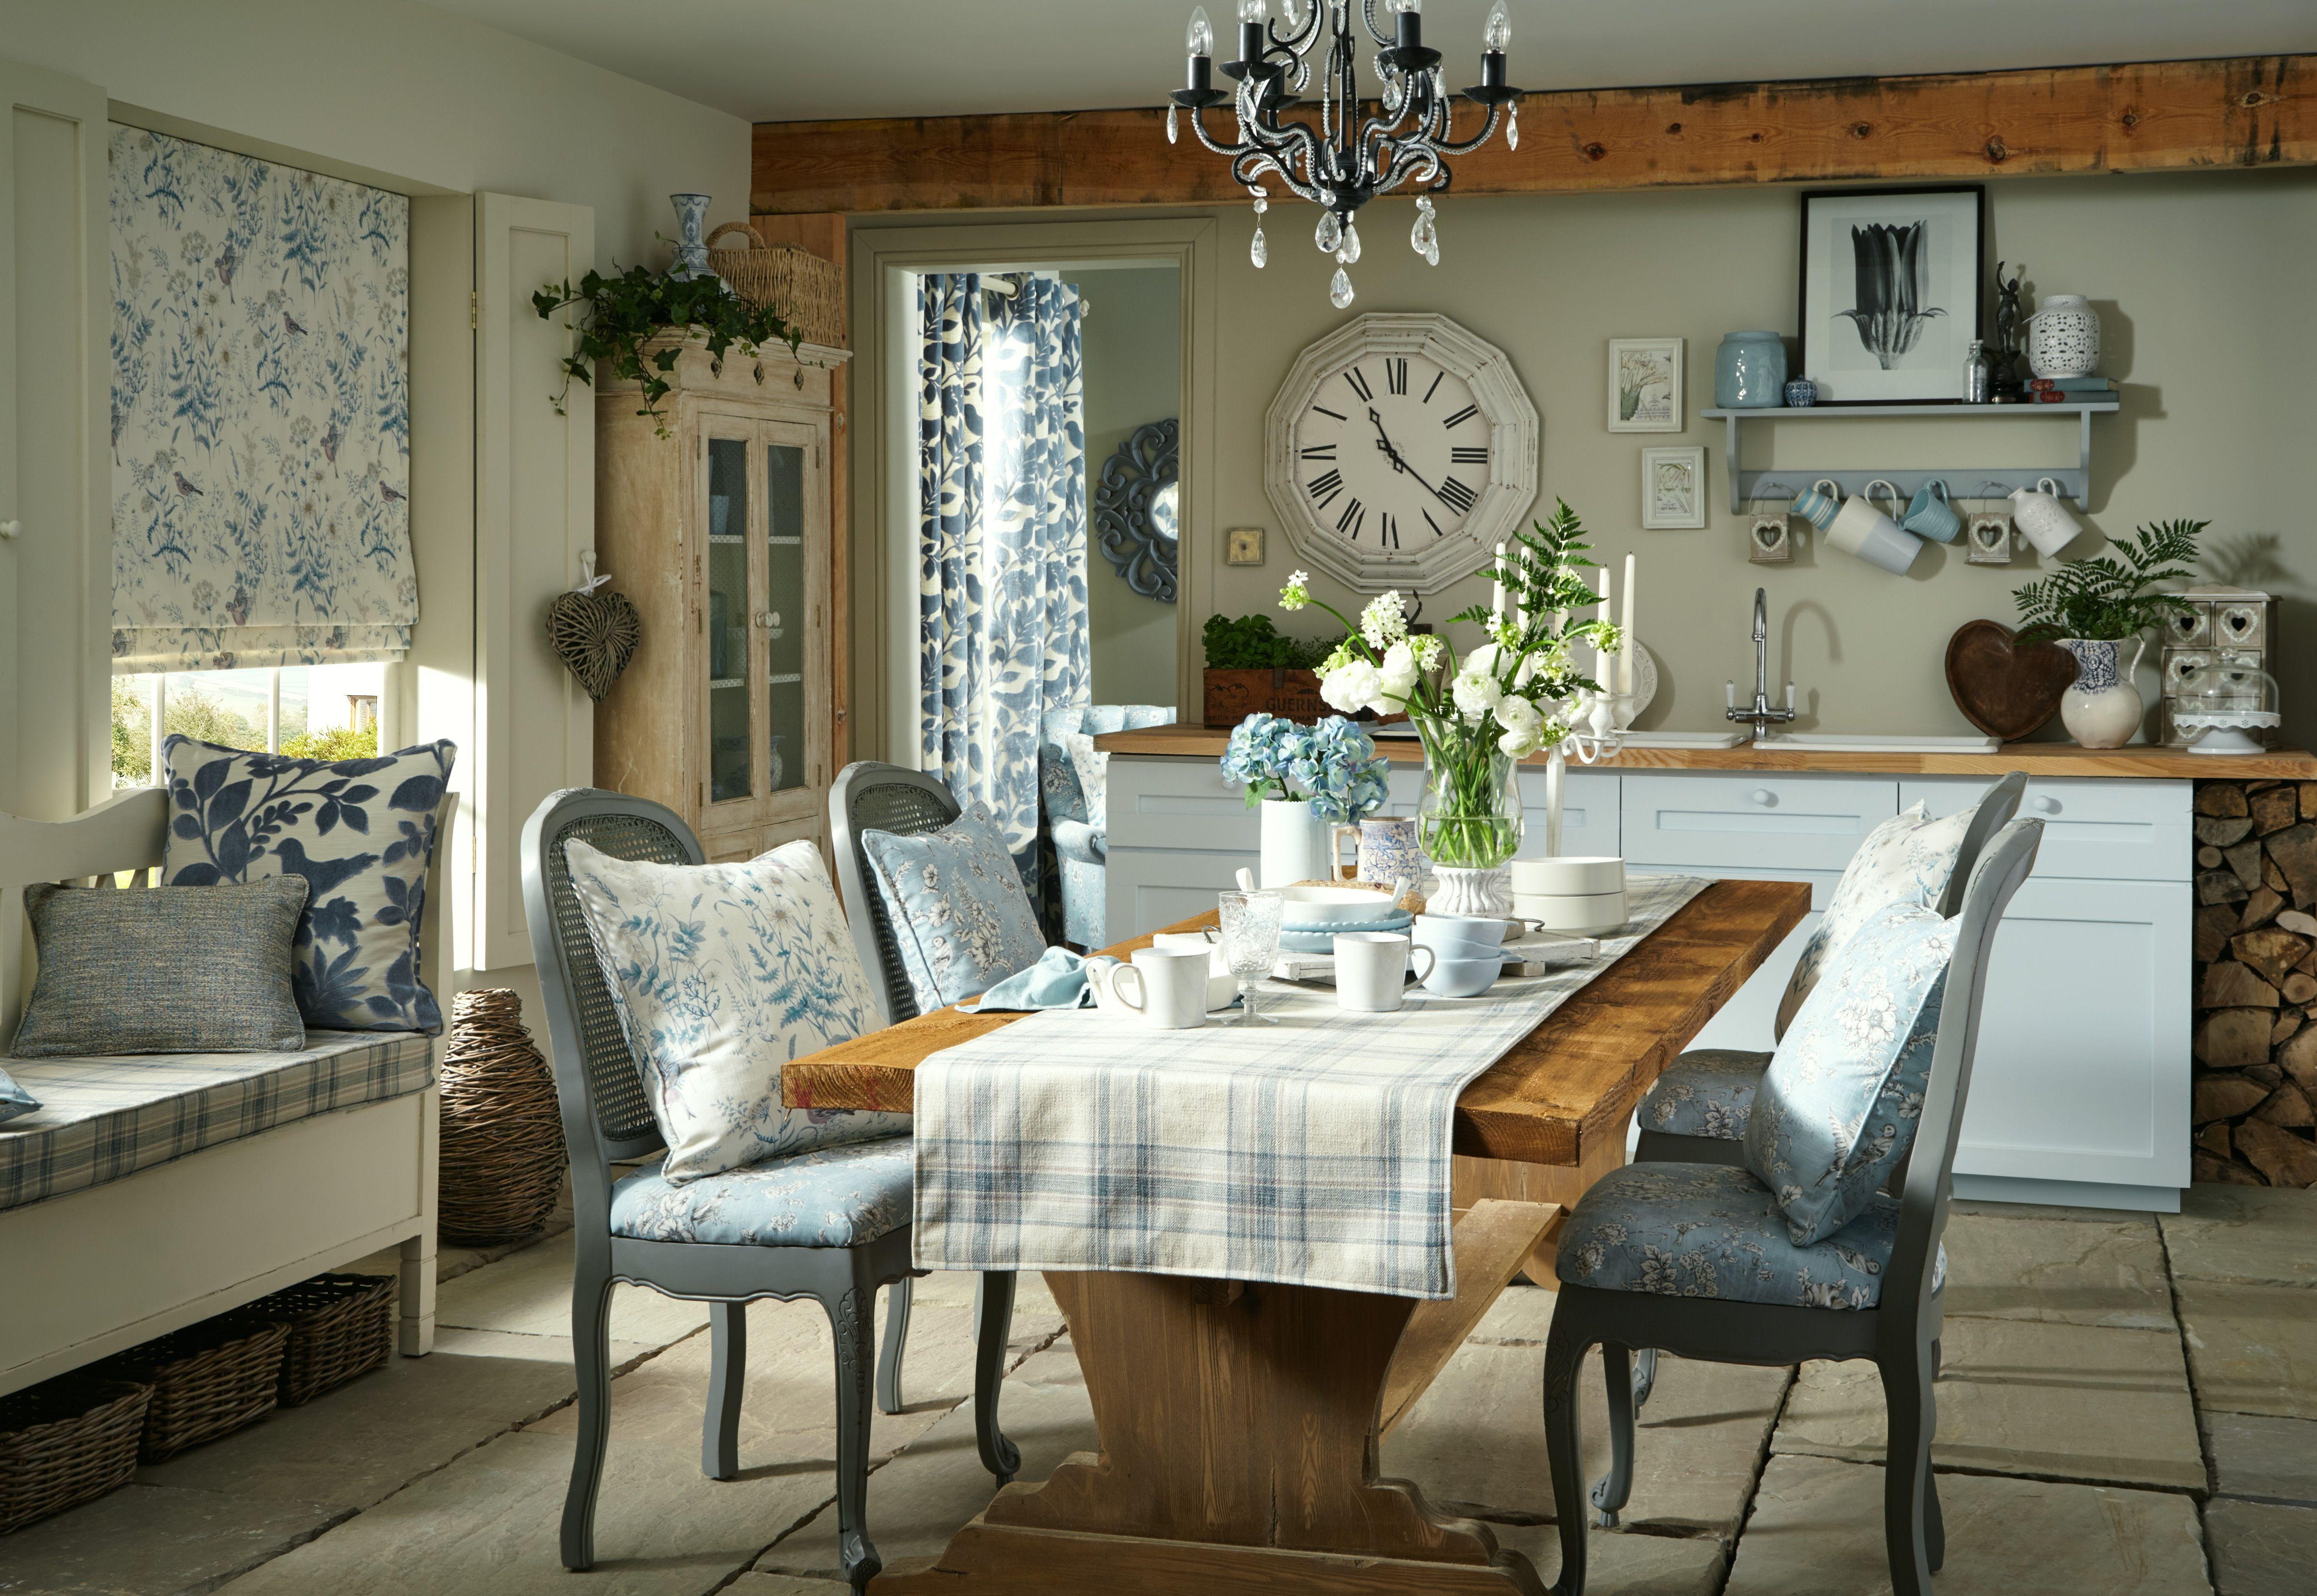 Countryside kitchen ideas - Kitchen decor - Interior design kitchen ...